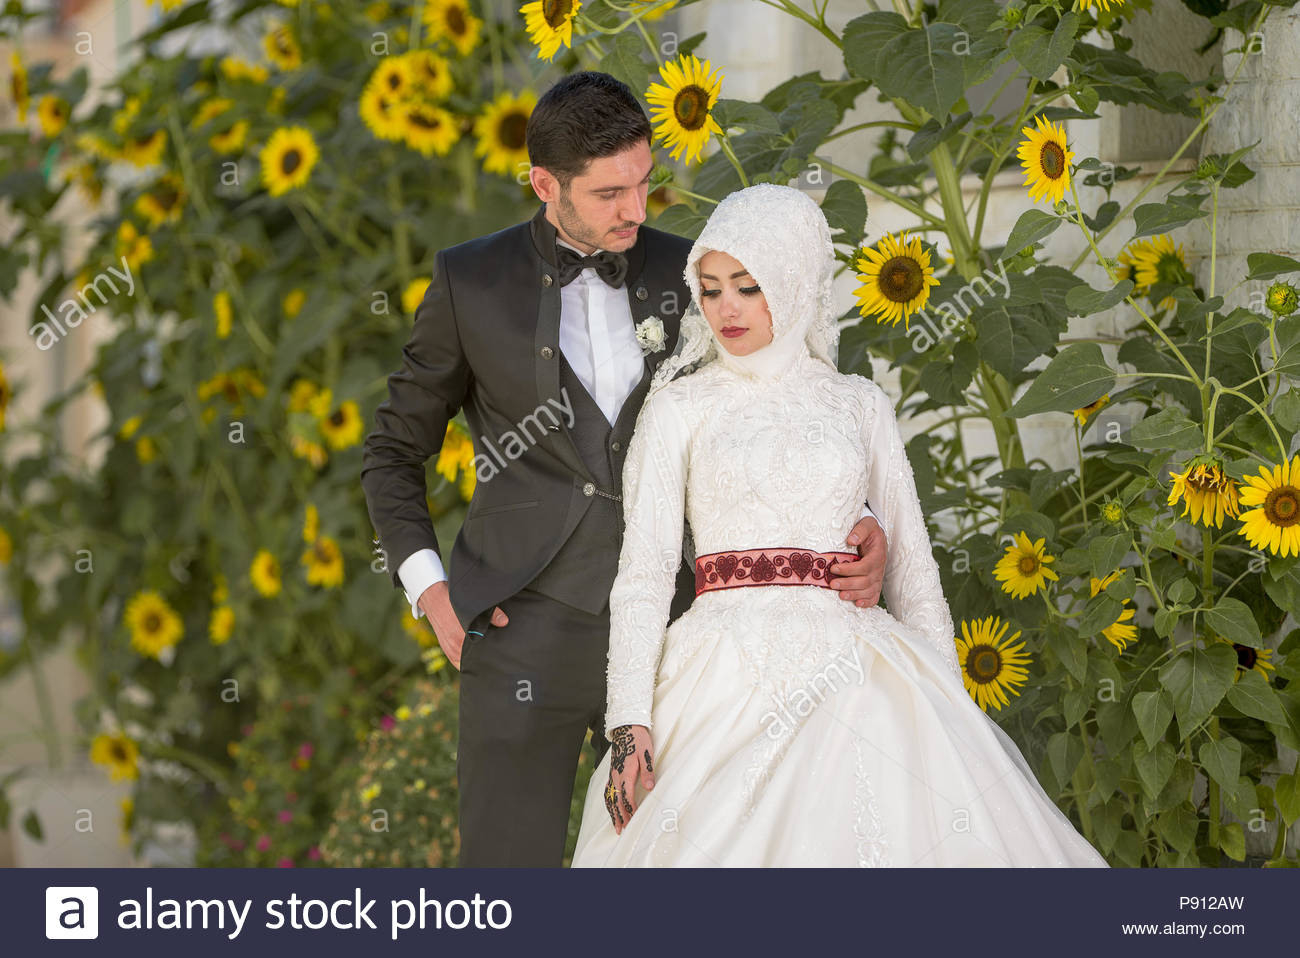 Muslimische Hochzeit Stockfotos & Muslimische Hochzeit